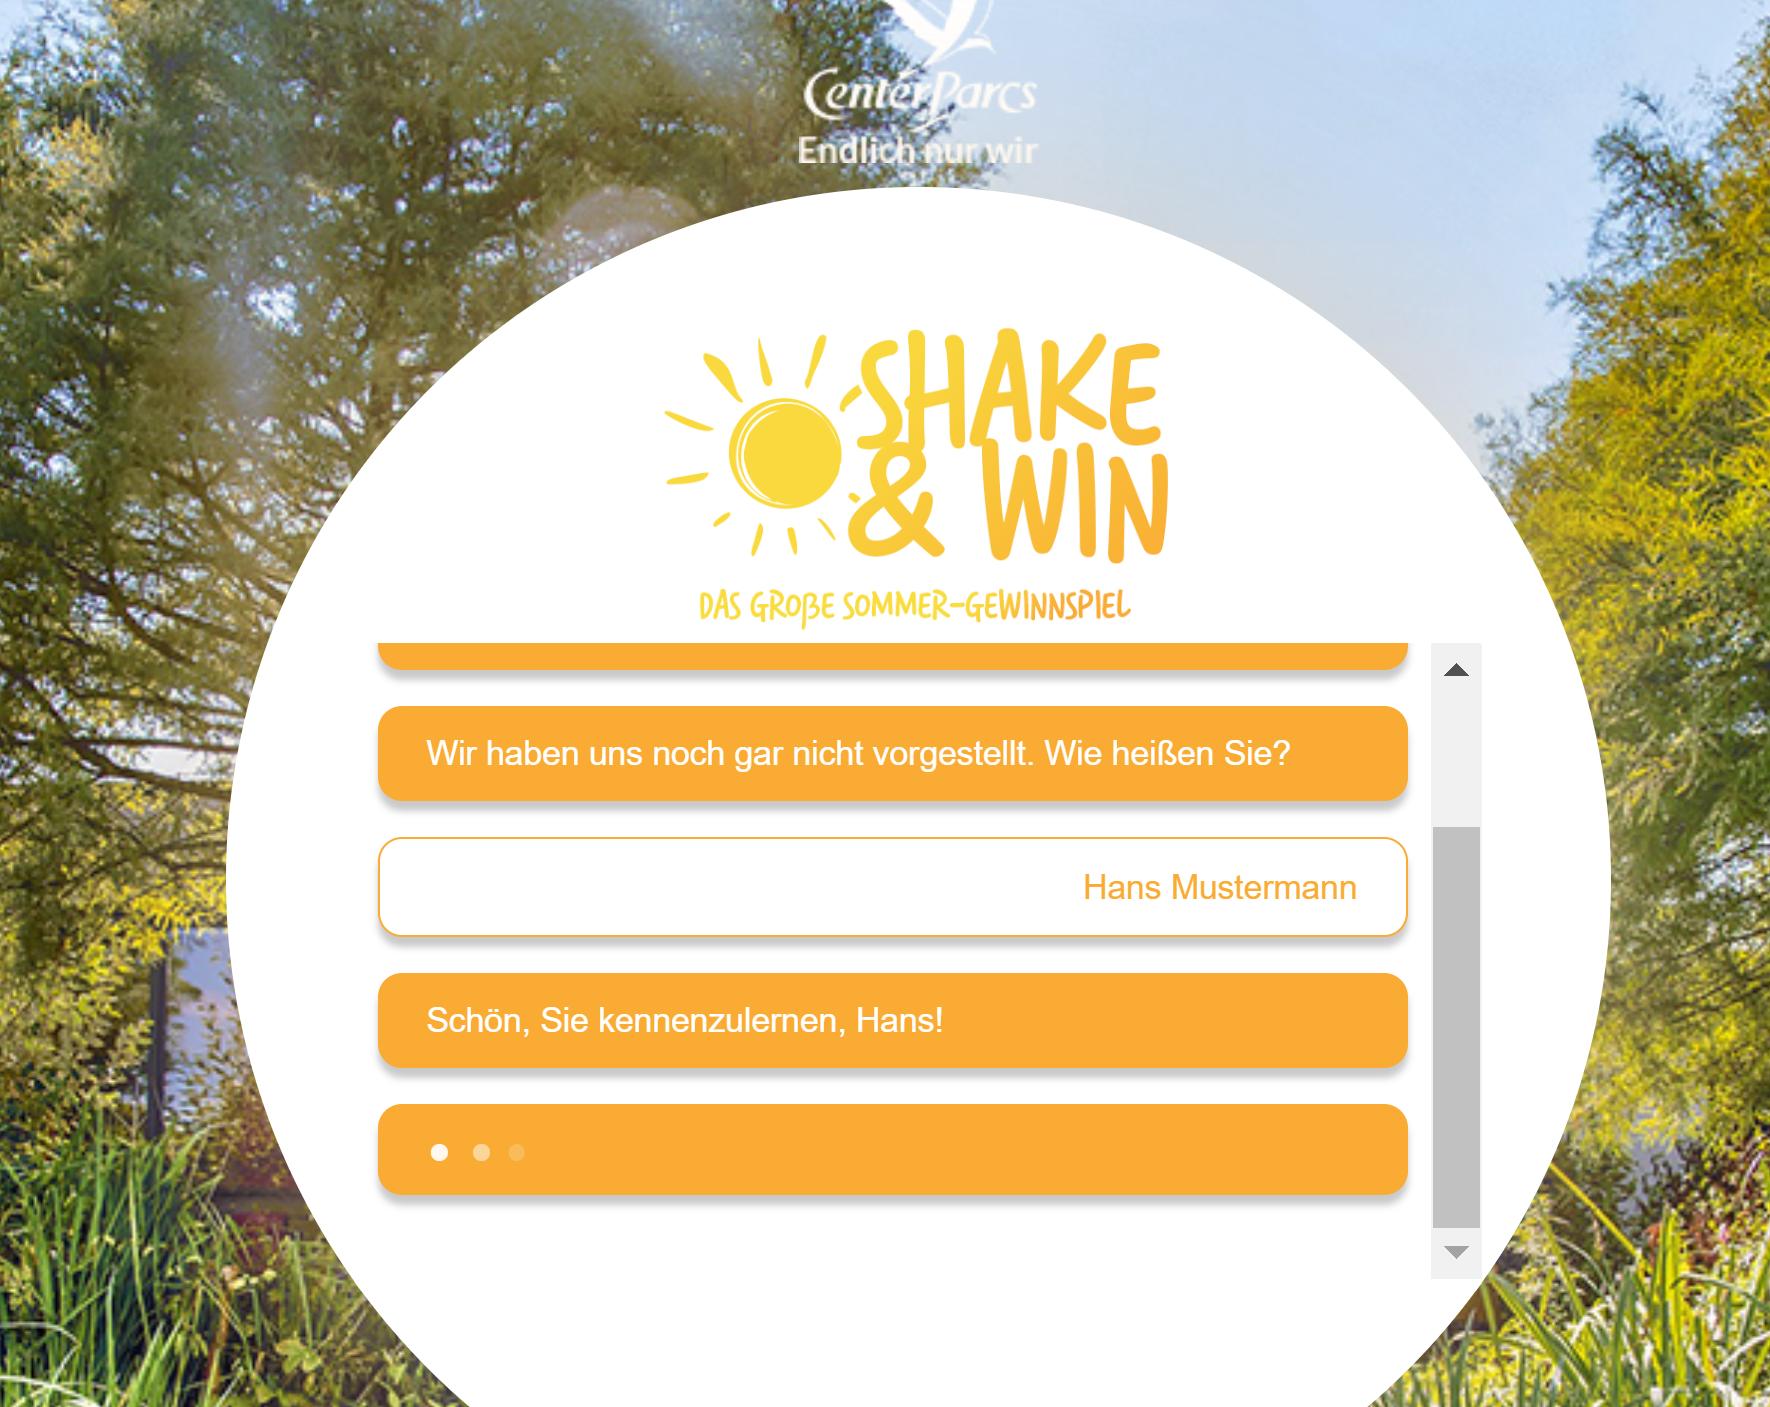 Ein Chatbot zur Erstellung einer innovativen und relevanten Kampagne Ein innovativer Chatbot, der sowohl auf Desktop- als auch auf Mobilgeräten eingesetzt werden kann.